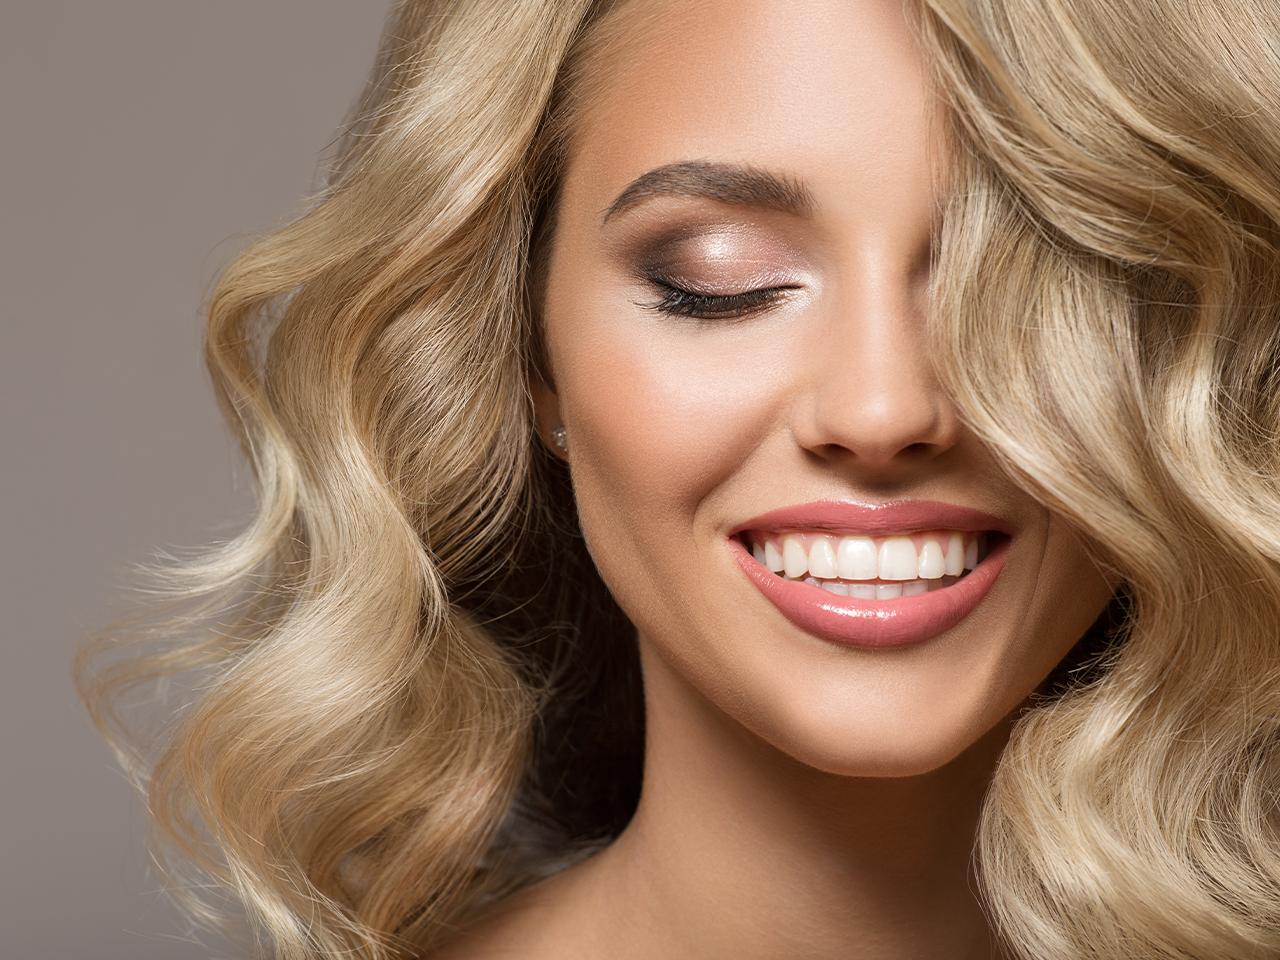 ortodonzia allineatori dentali trasparenti